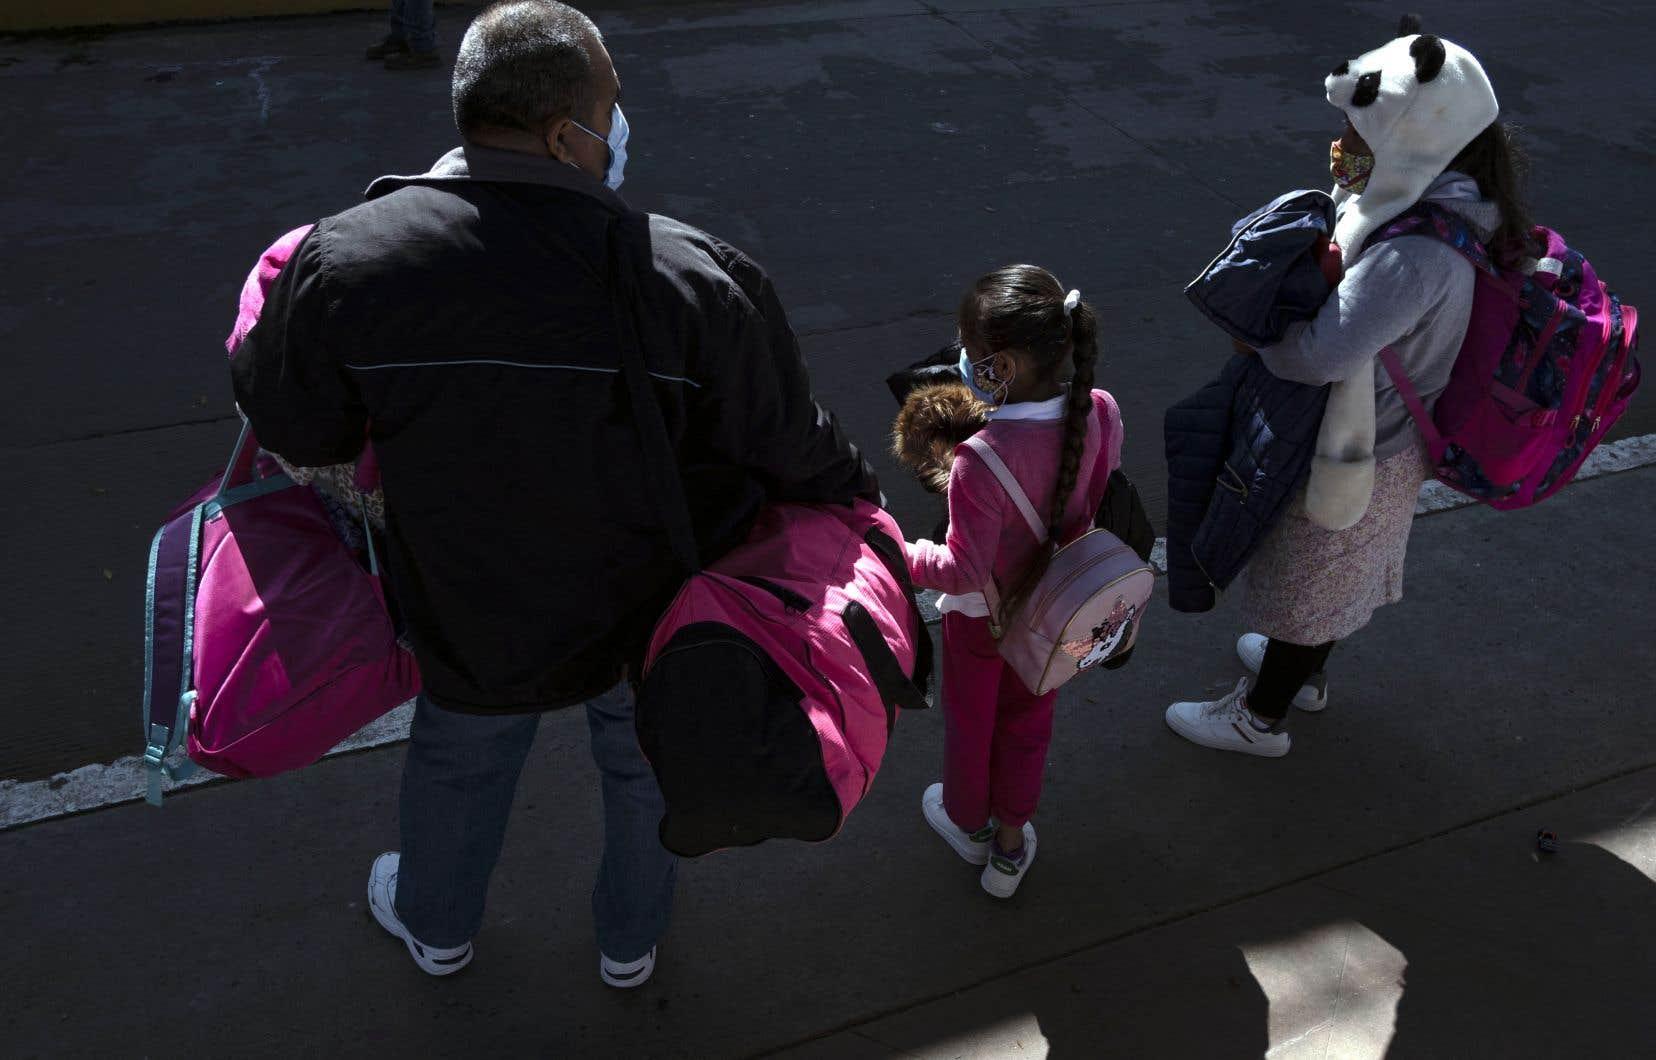 La politique du gouvernement Trump en immigration,dite de «tolérance zéro», consistait à ouvrir des poursuites pénales contre toute personne entrée illégalement à la frontière avec le Mexique. Des parents ont été placés en détention sans leurs enfants et certaines familles n'ont jamais été réunies.